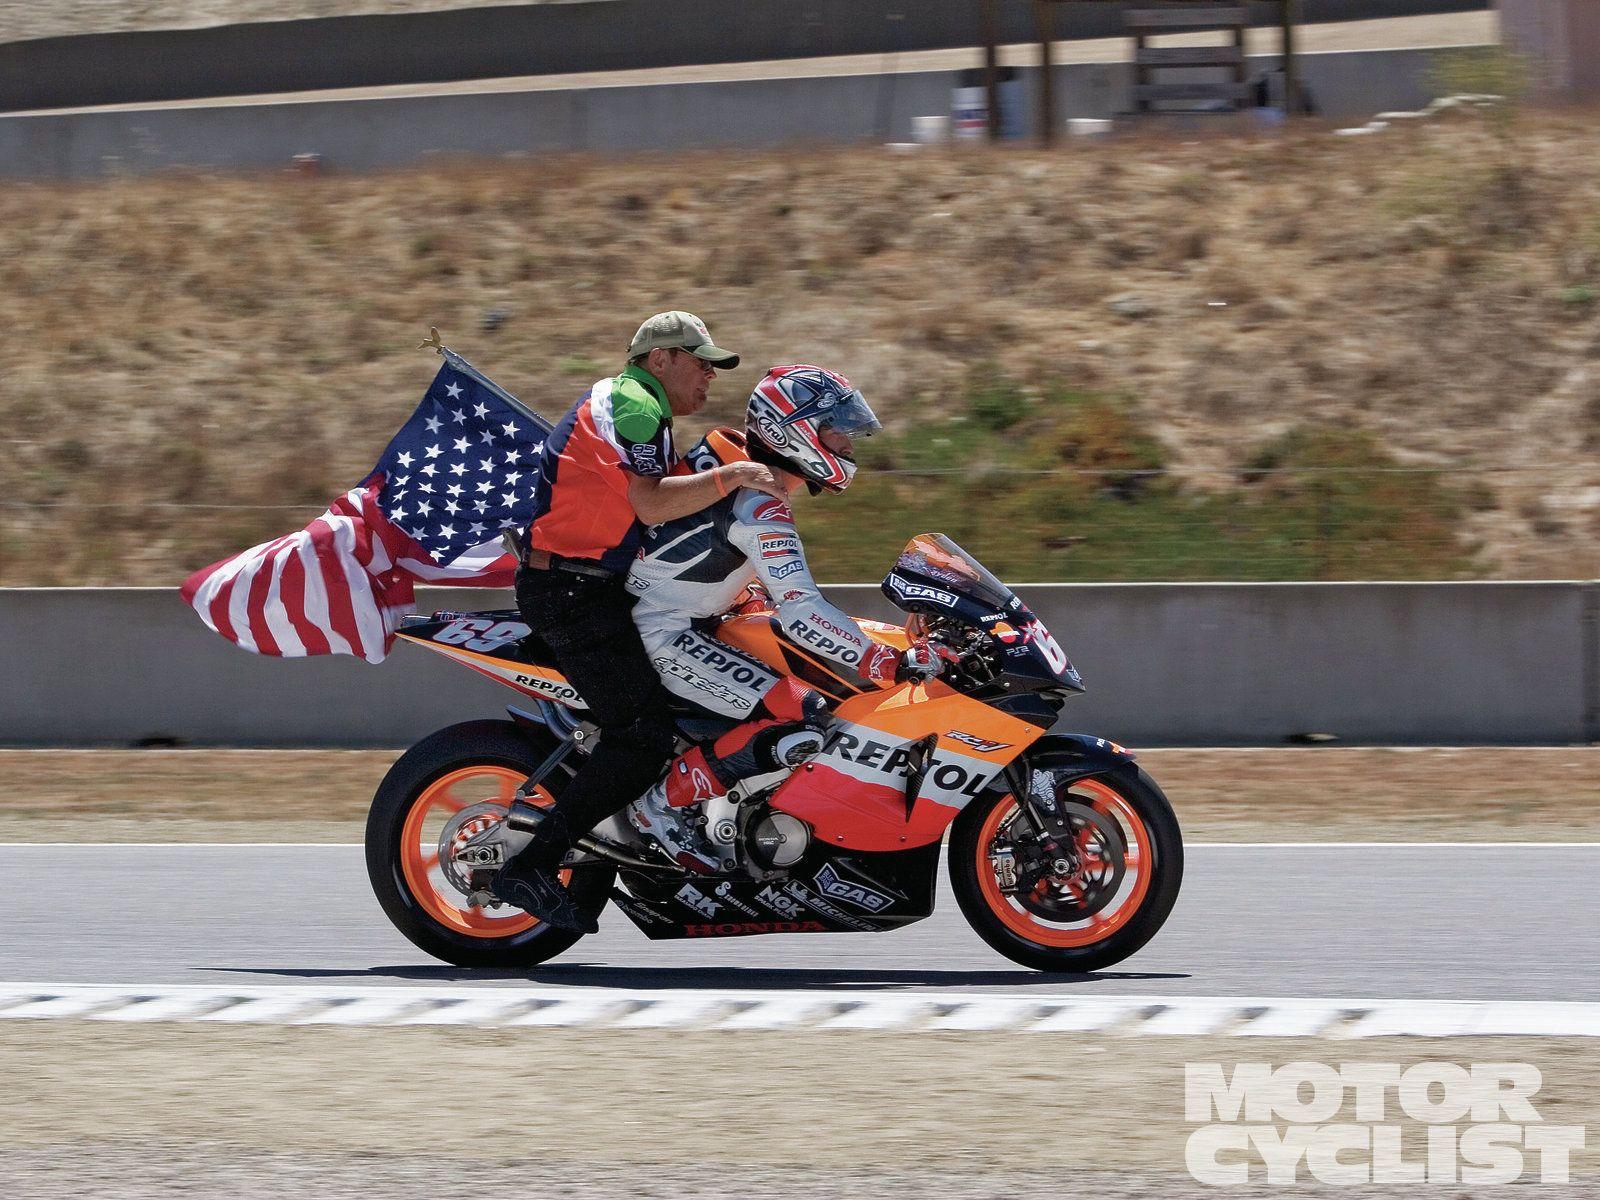 2005年Nicky Hayden 在Laguna Seca 獲勝後載著父親繞場     photo:motorcyclist